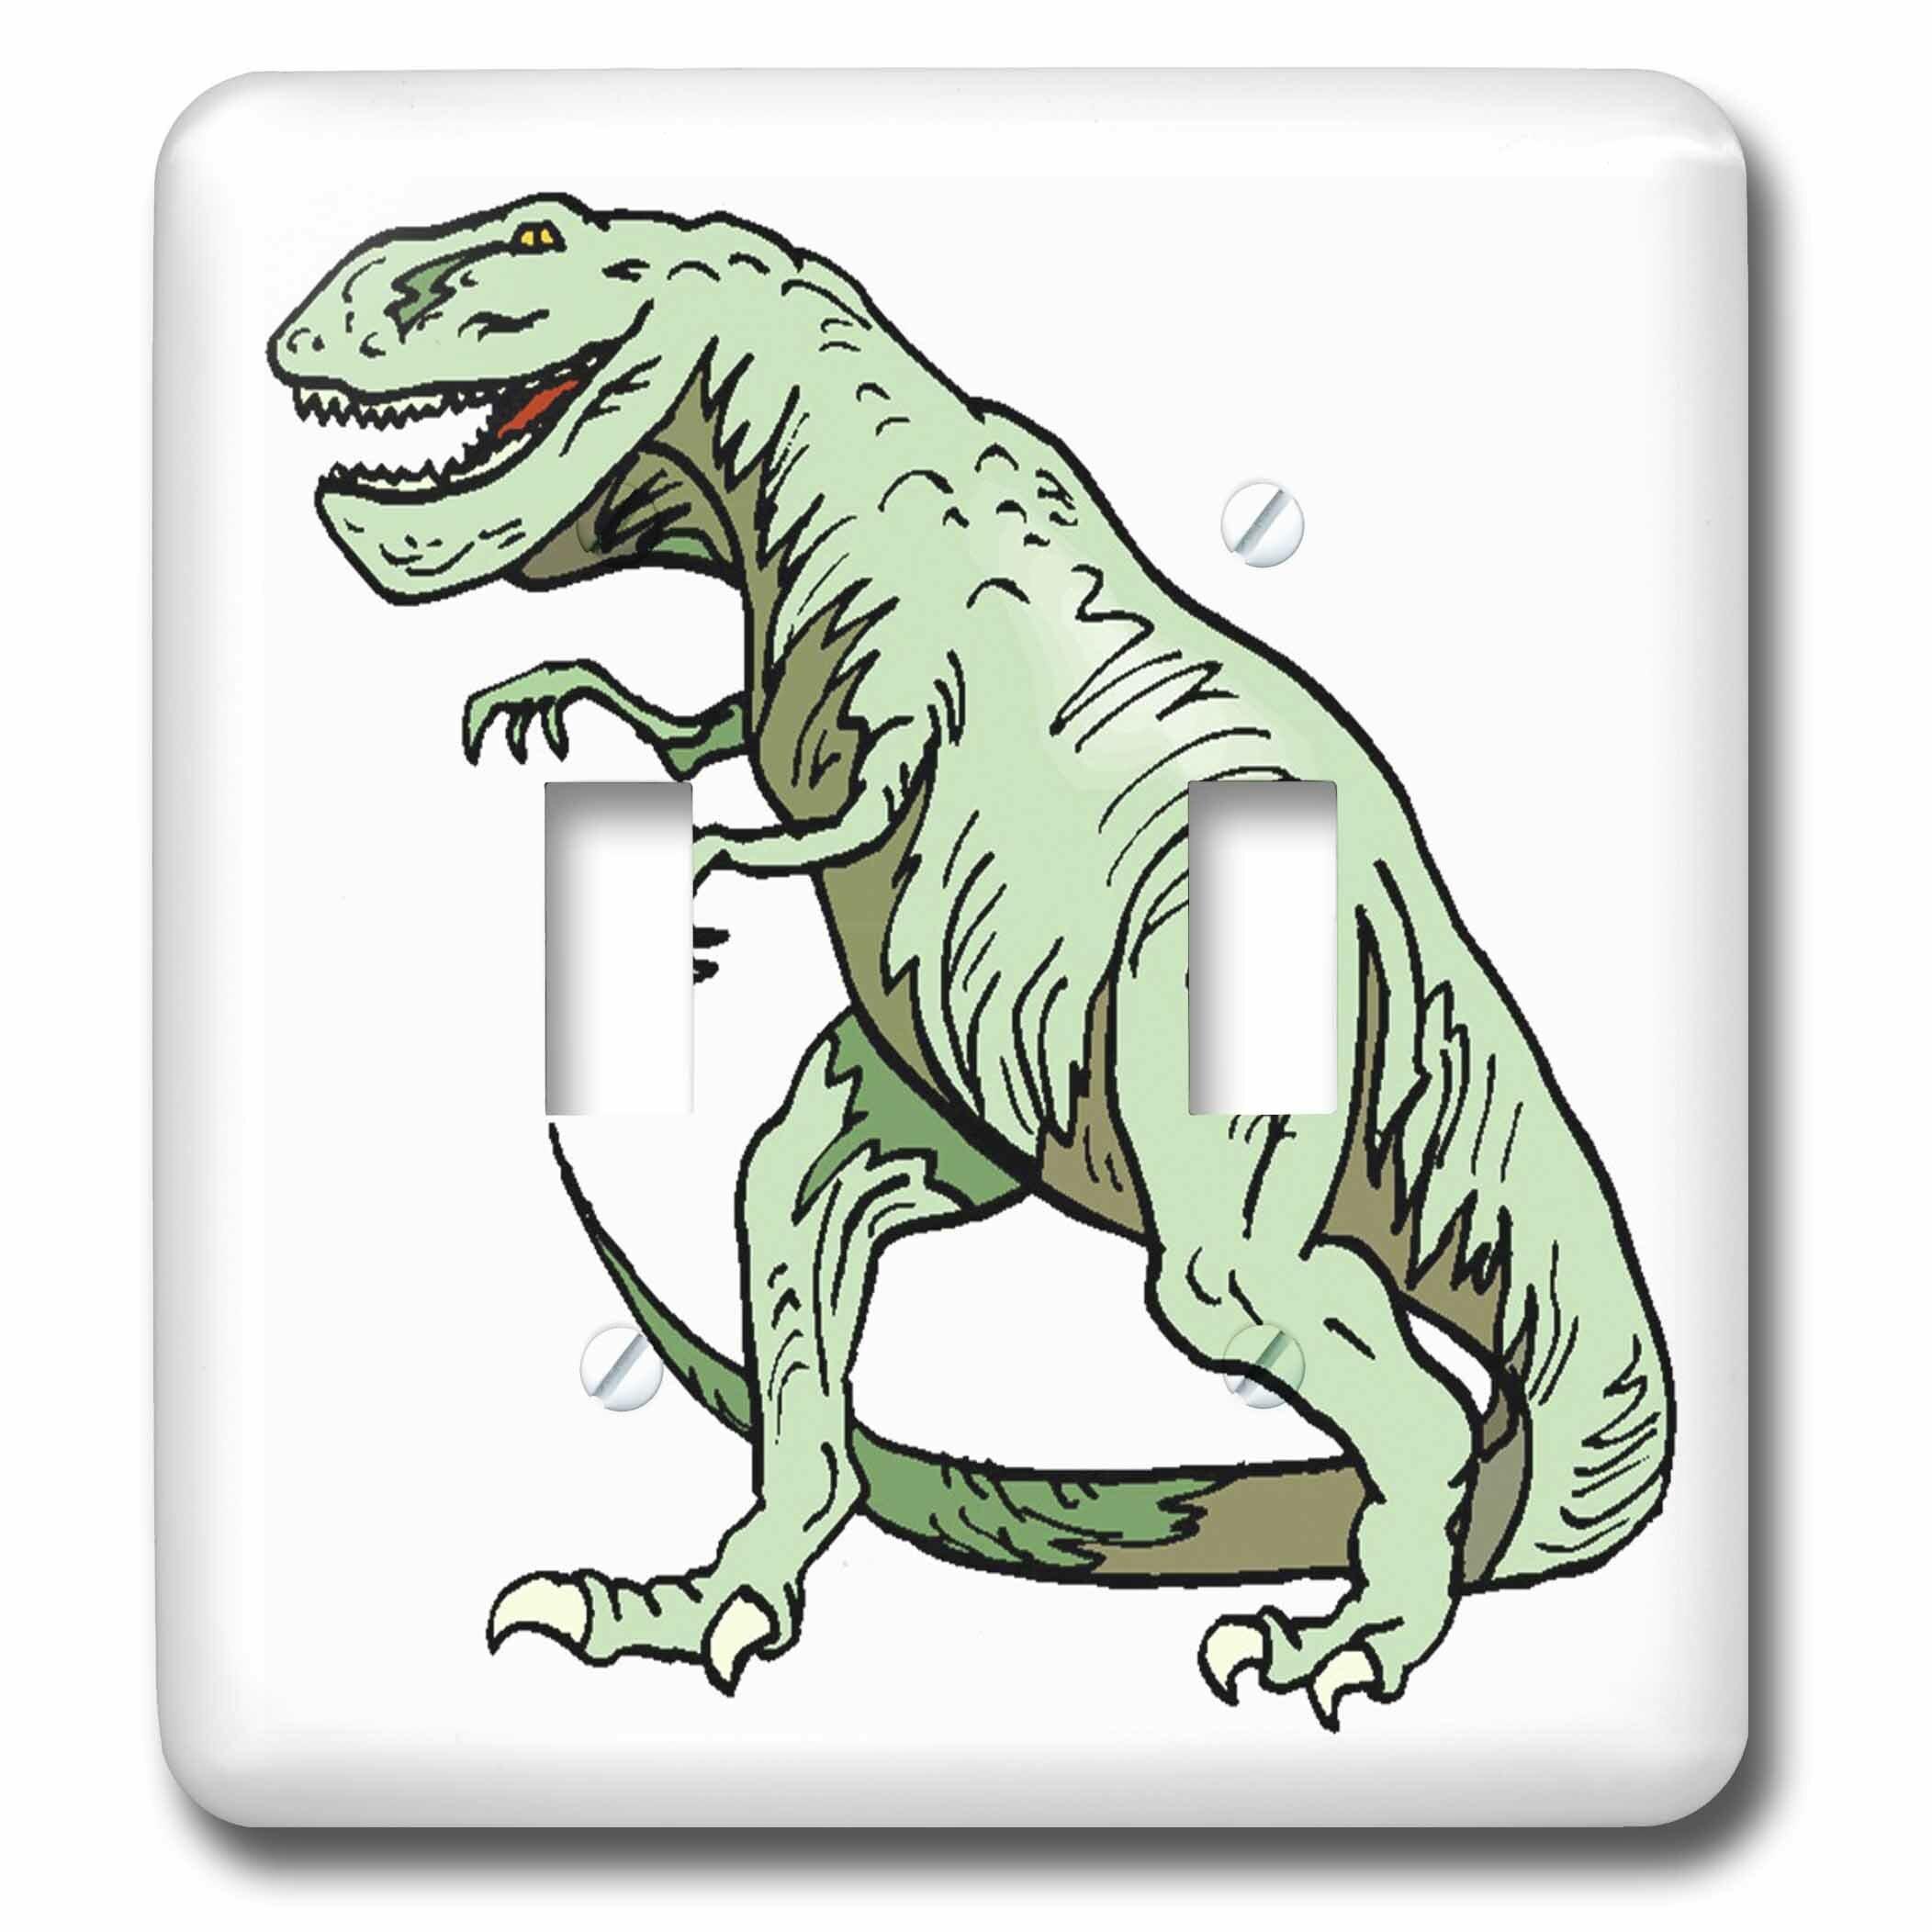 3drose T Rex Dinosaur 2 Gang Toggle Light Switch Wall Plate Wayfair